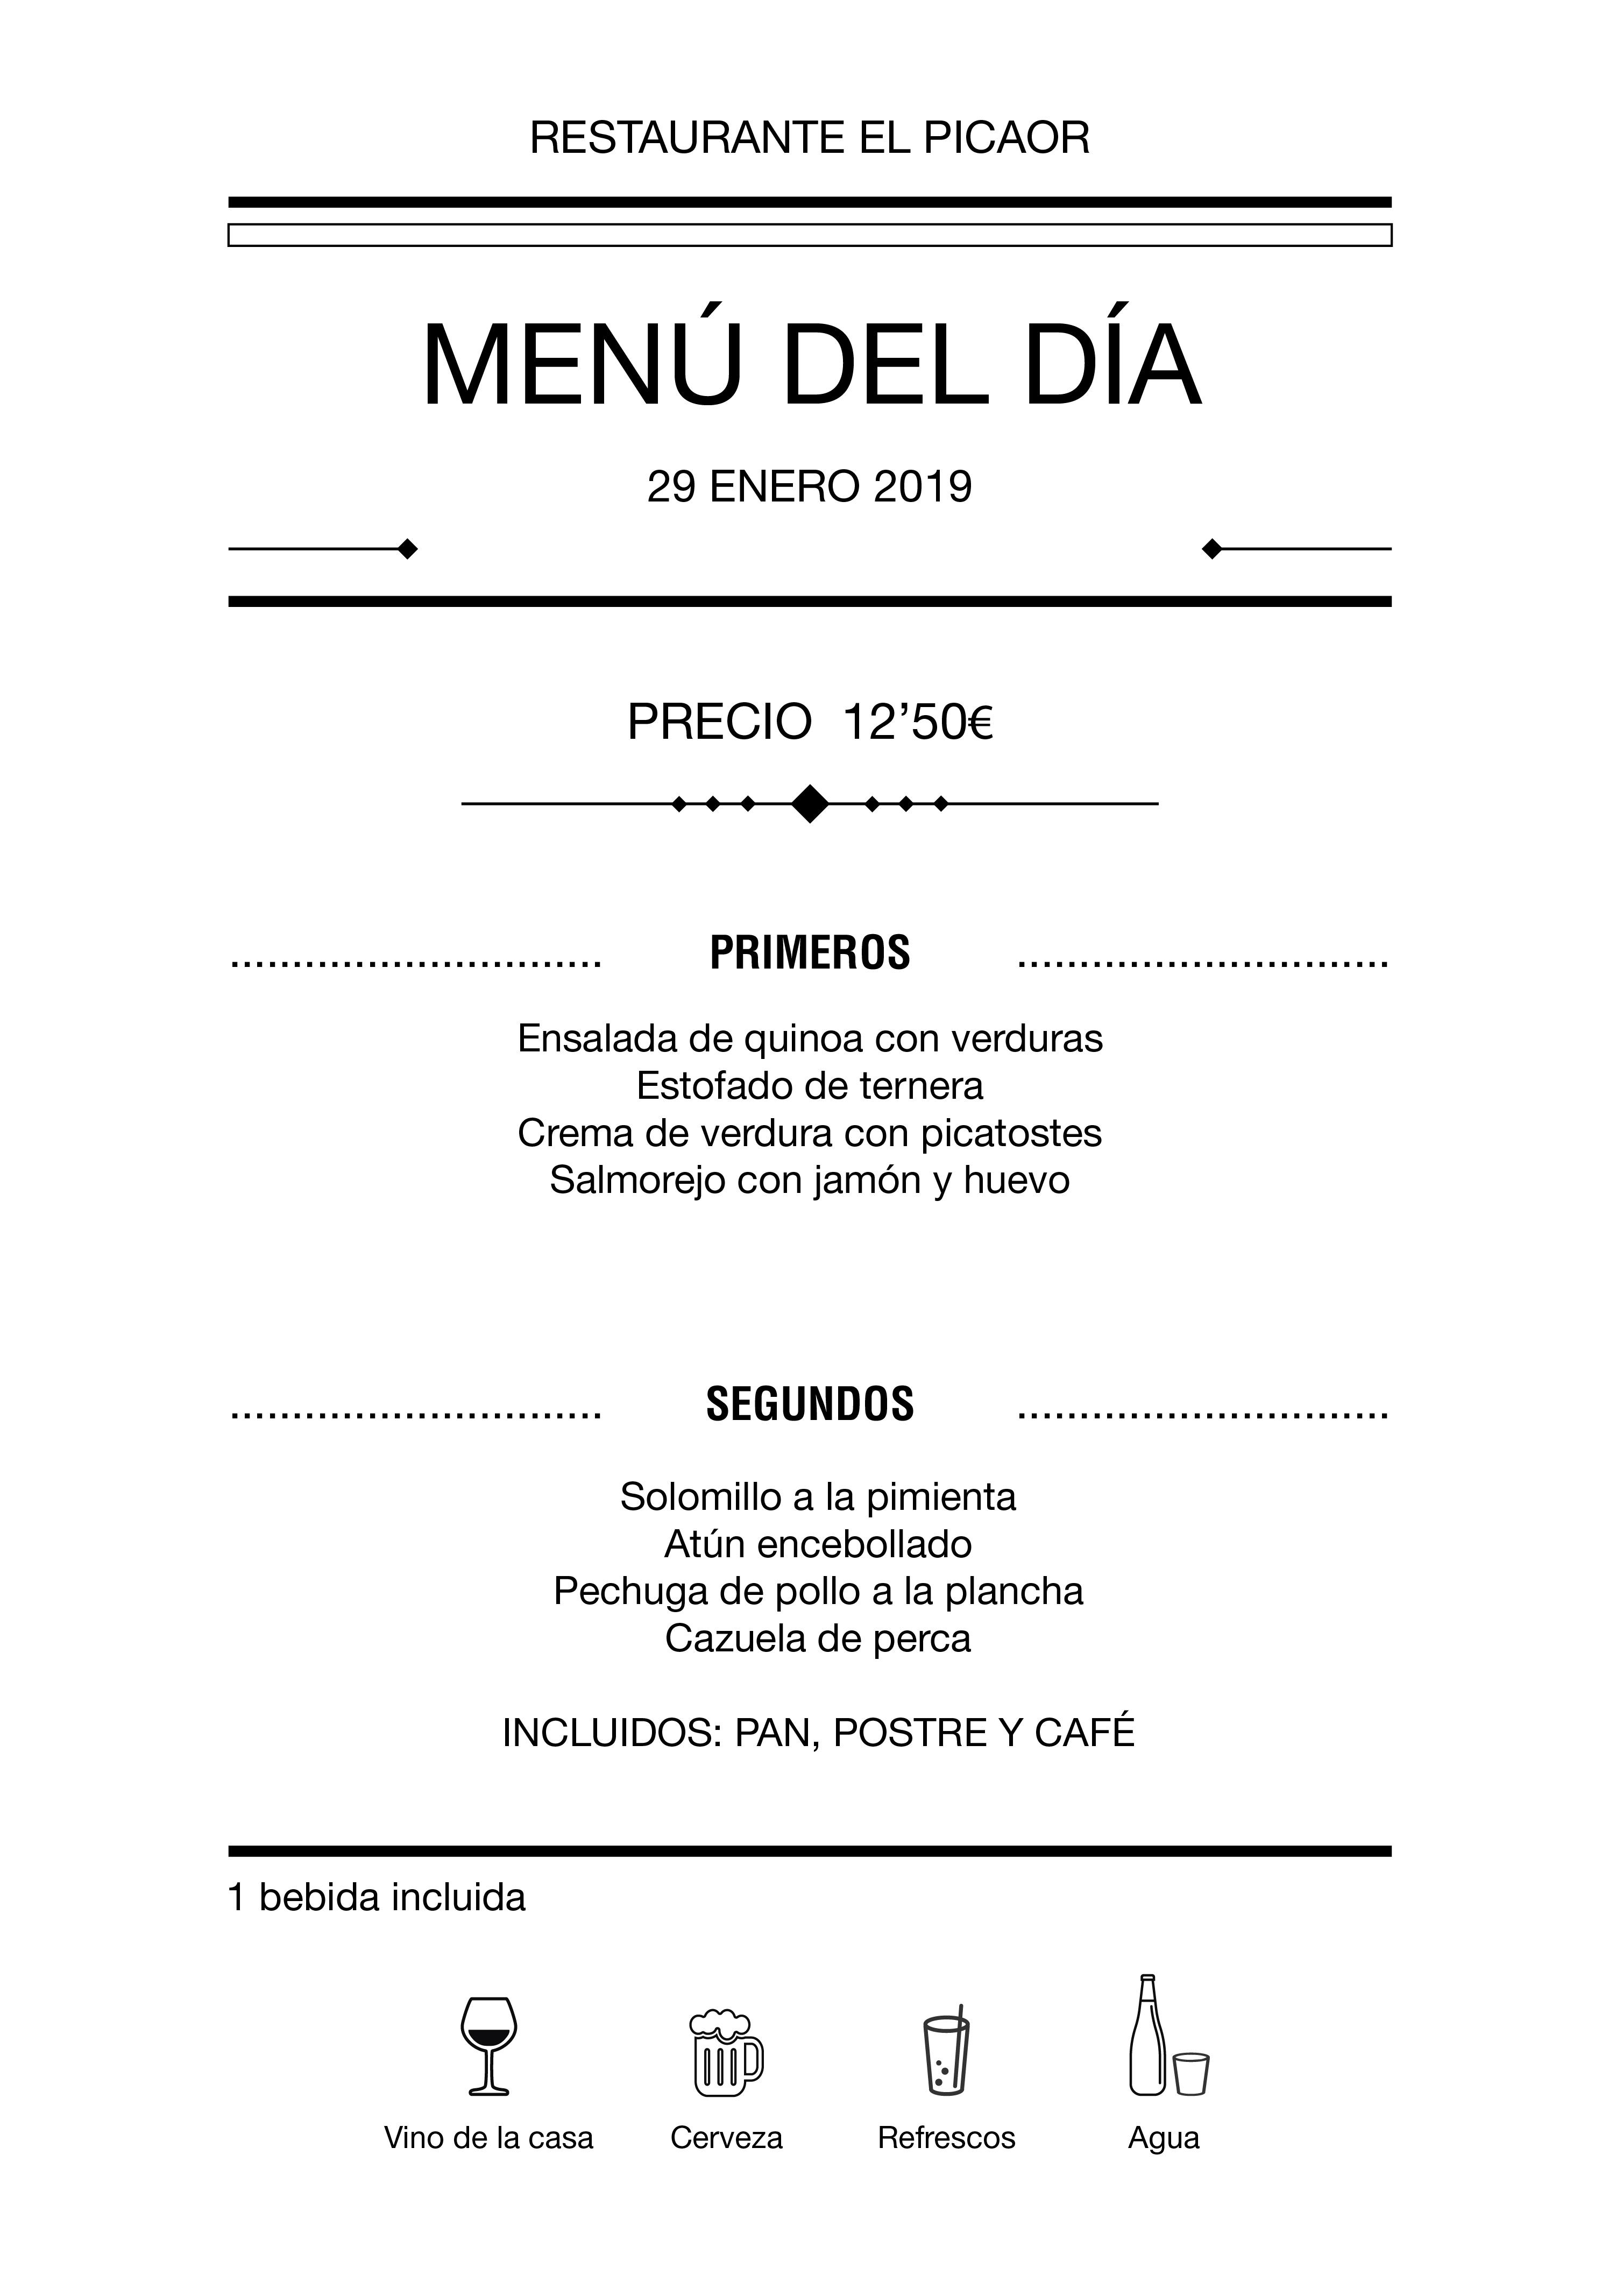 Menú diario El Picaor 29/01/19